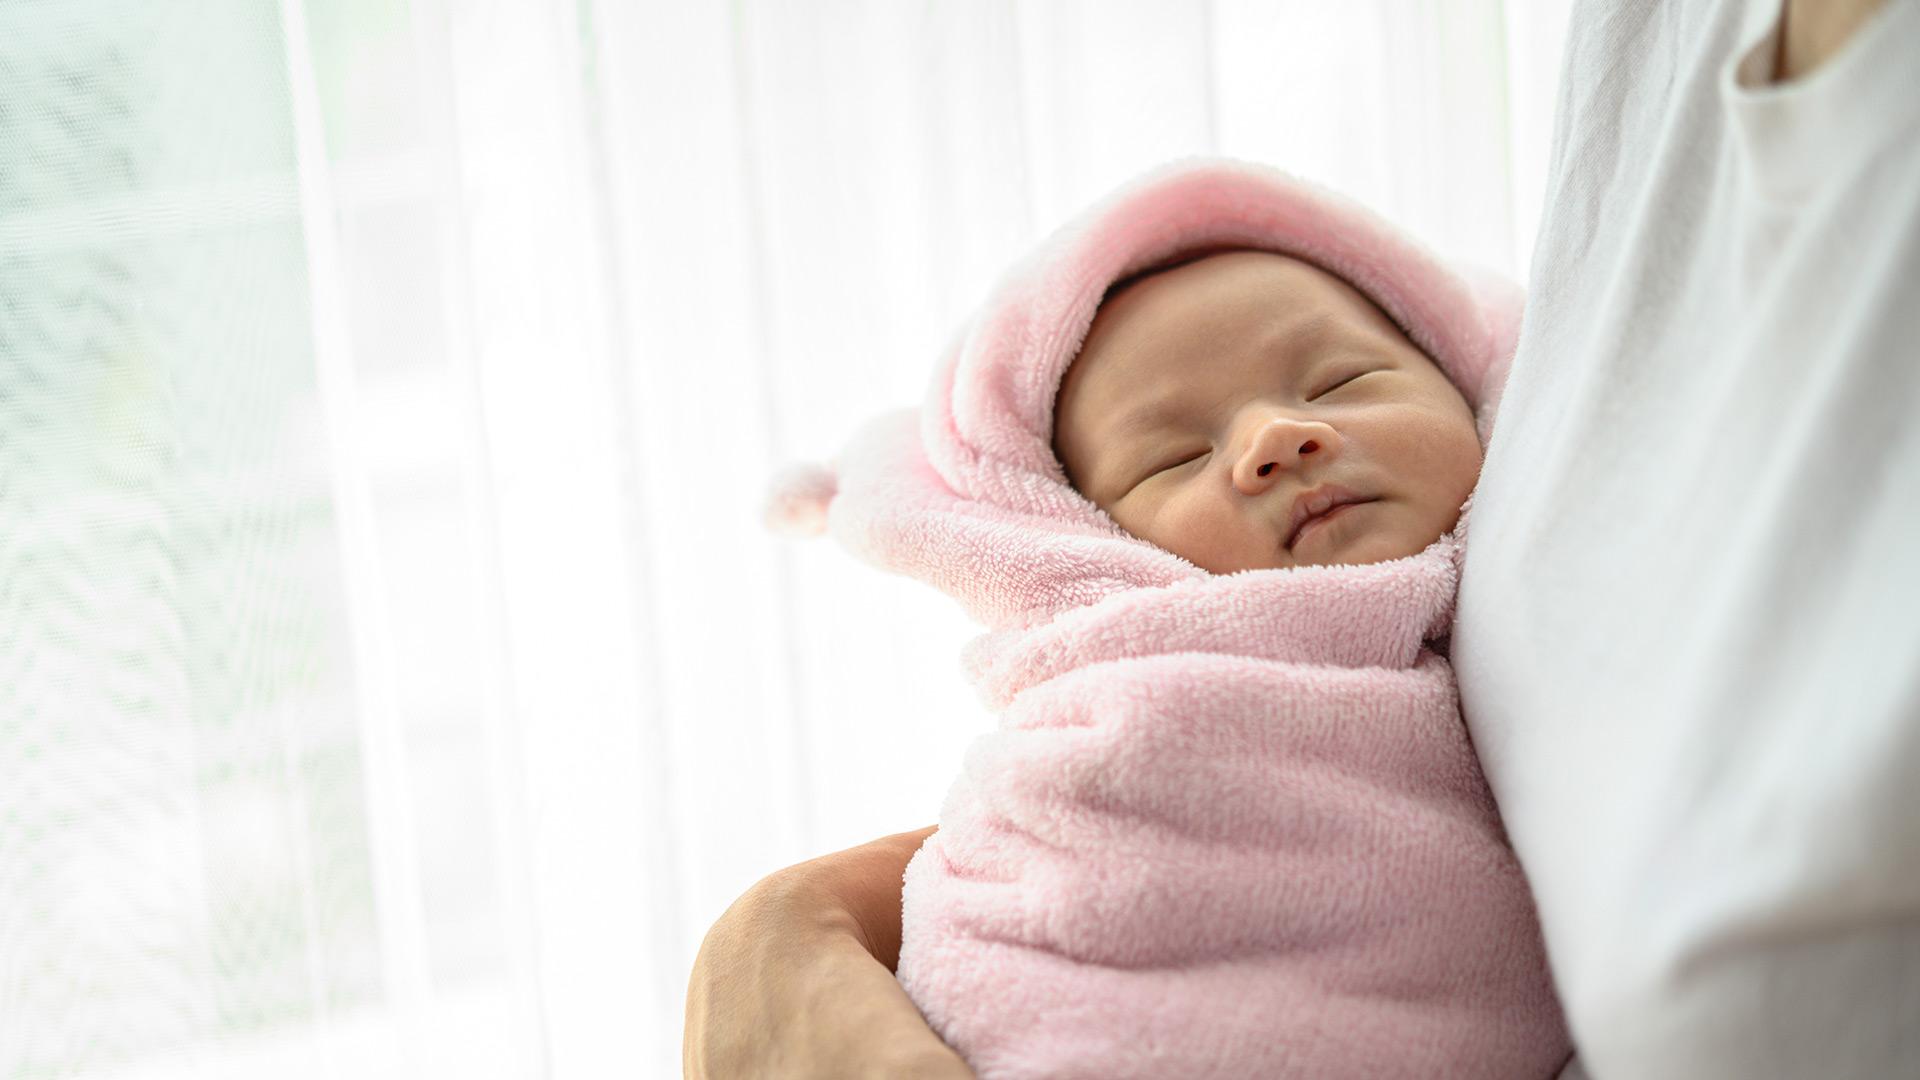 Newborn babysitter services